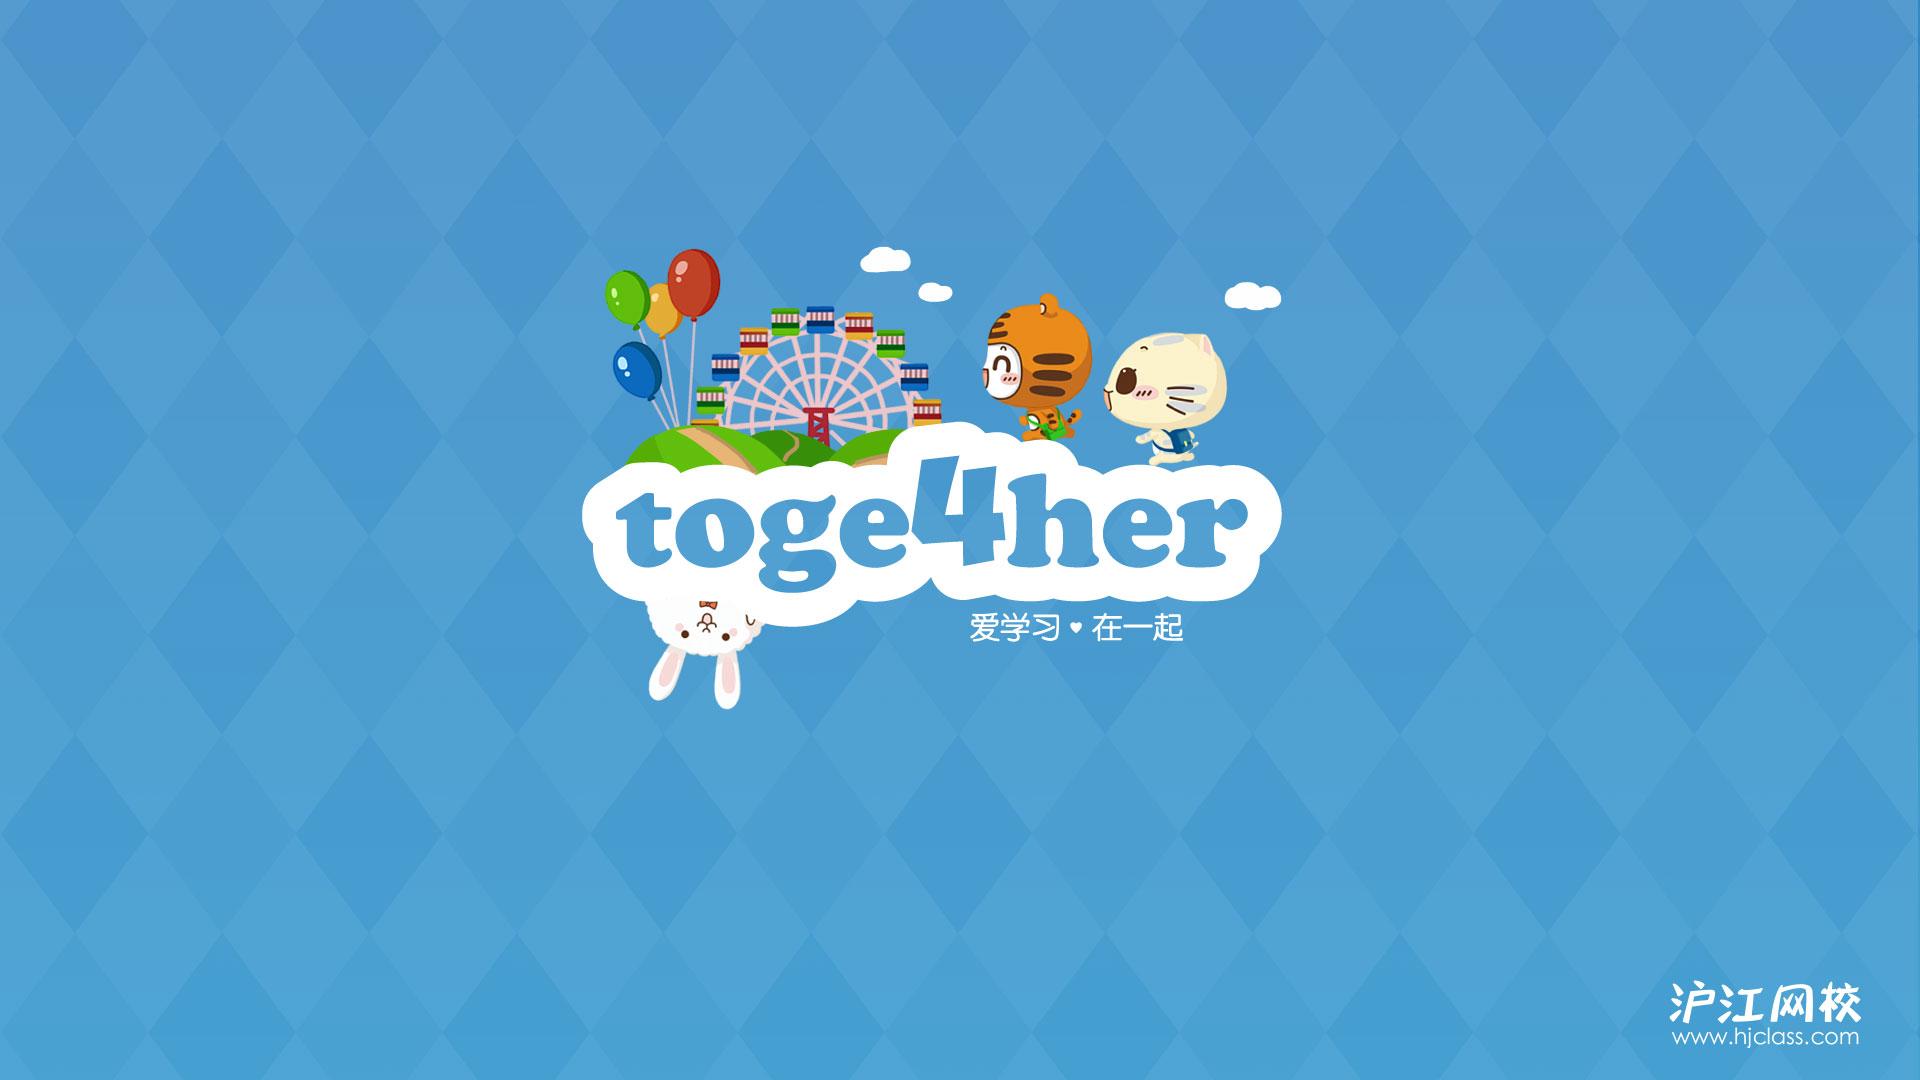 【四周年toge4her】爱学习在一起!专属壁纸下载